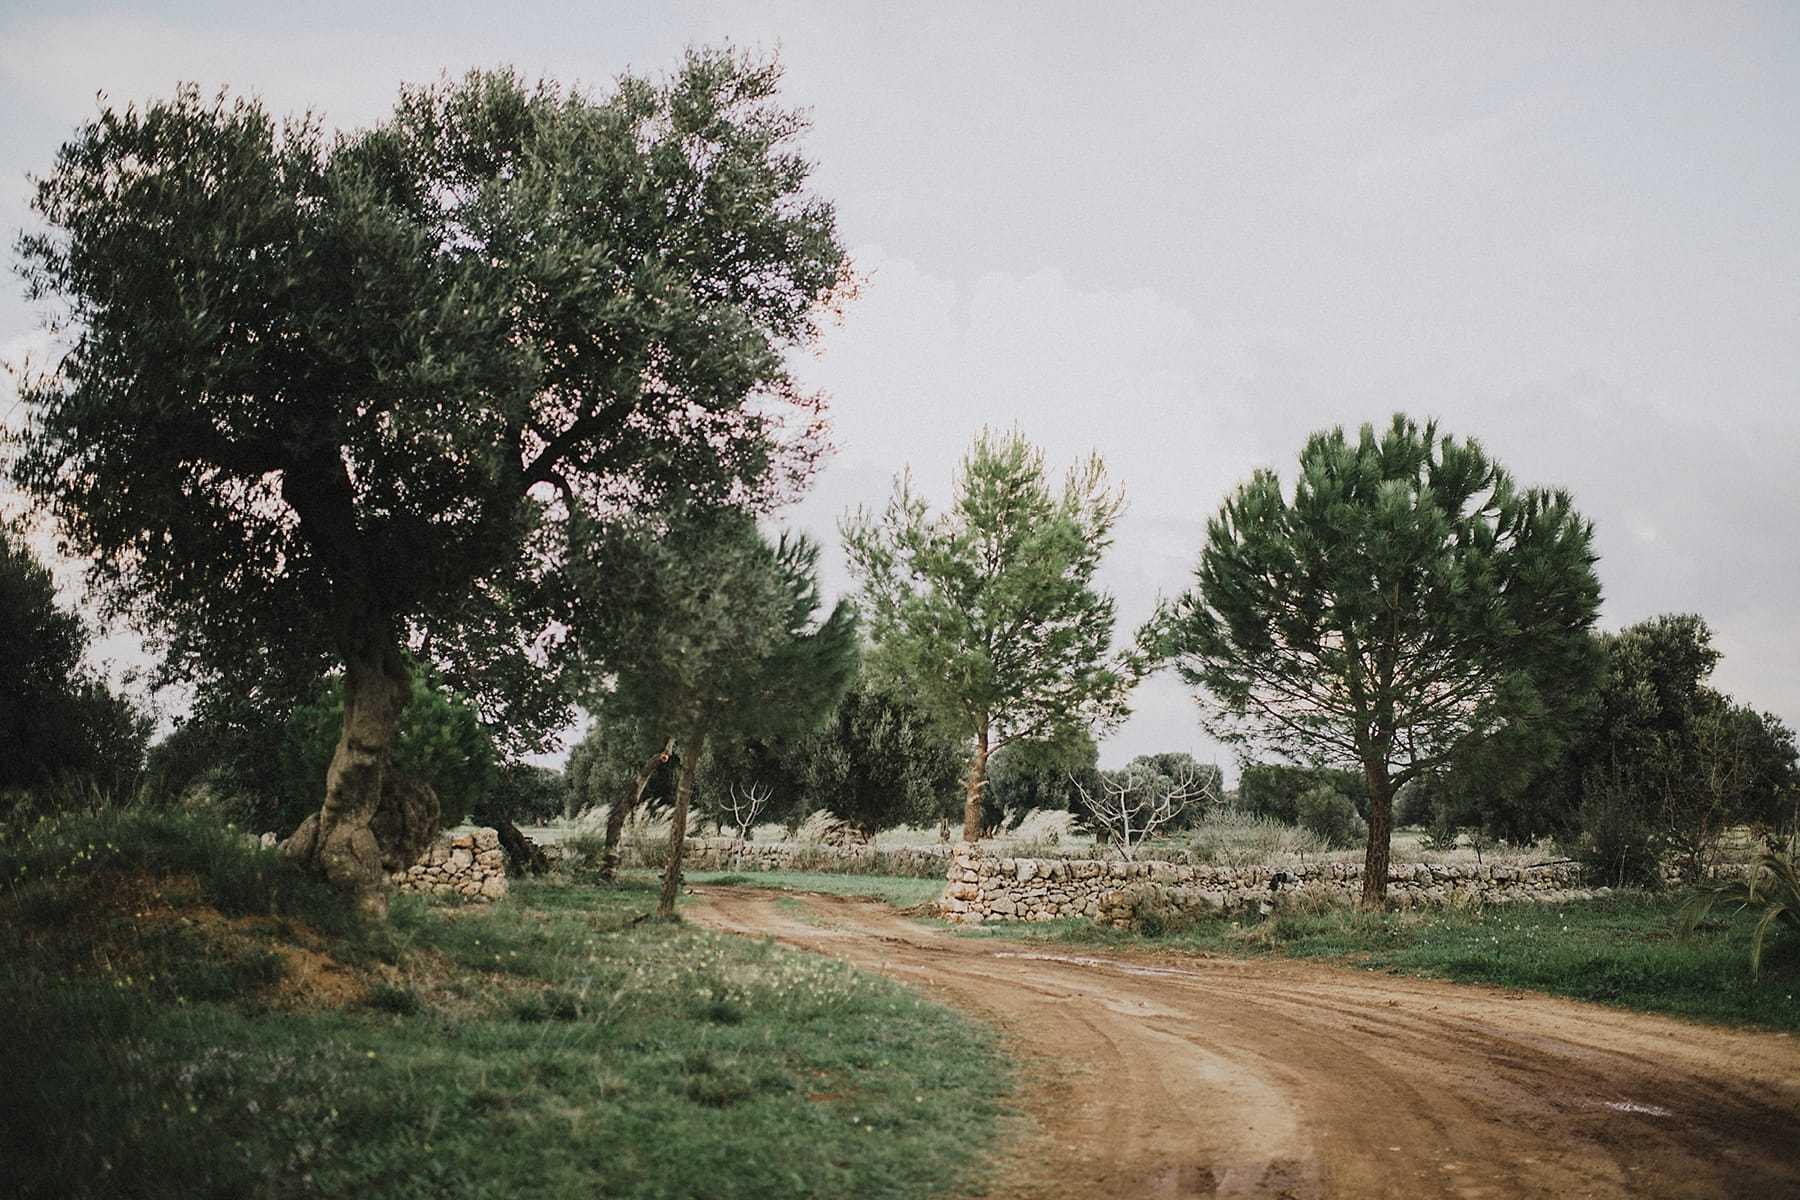 hilario_sanchez_fotografo_boda_ostuni_italia_092